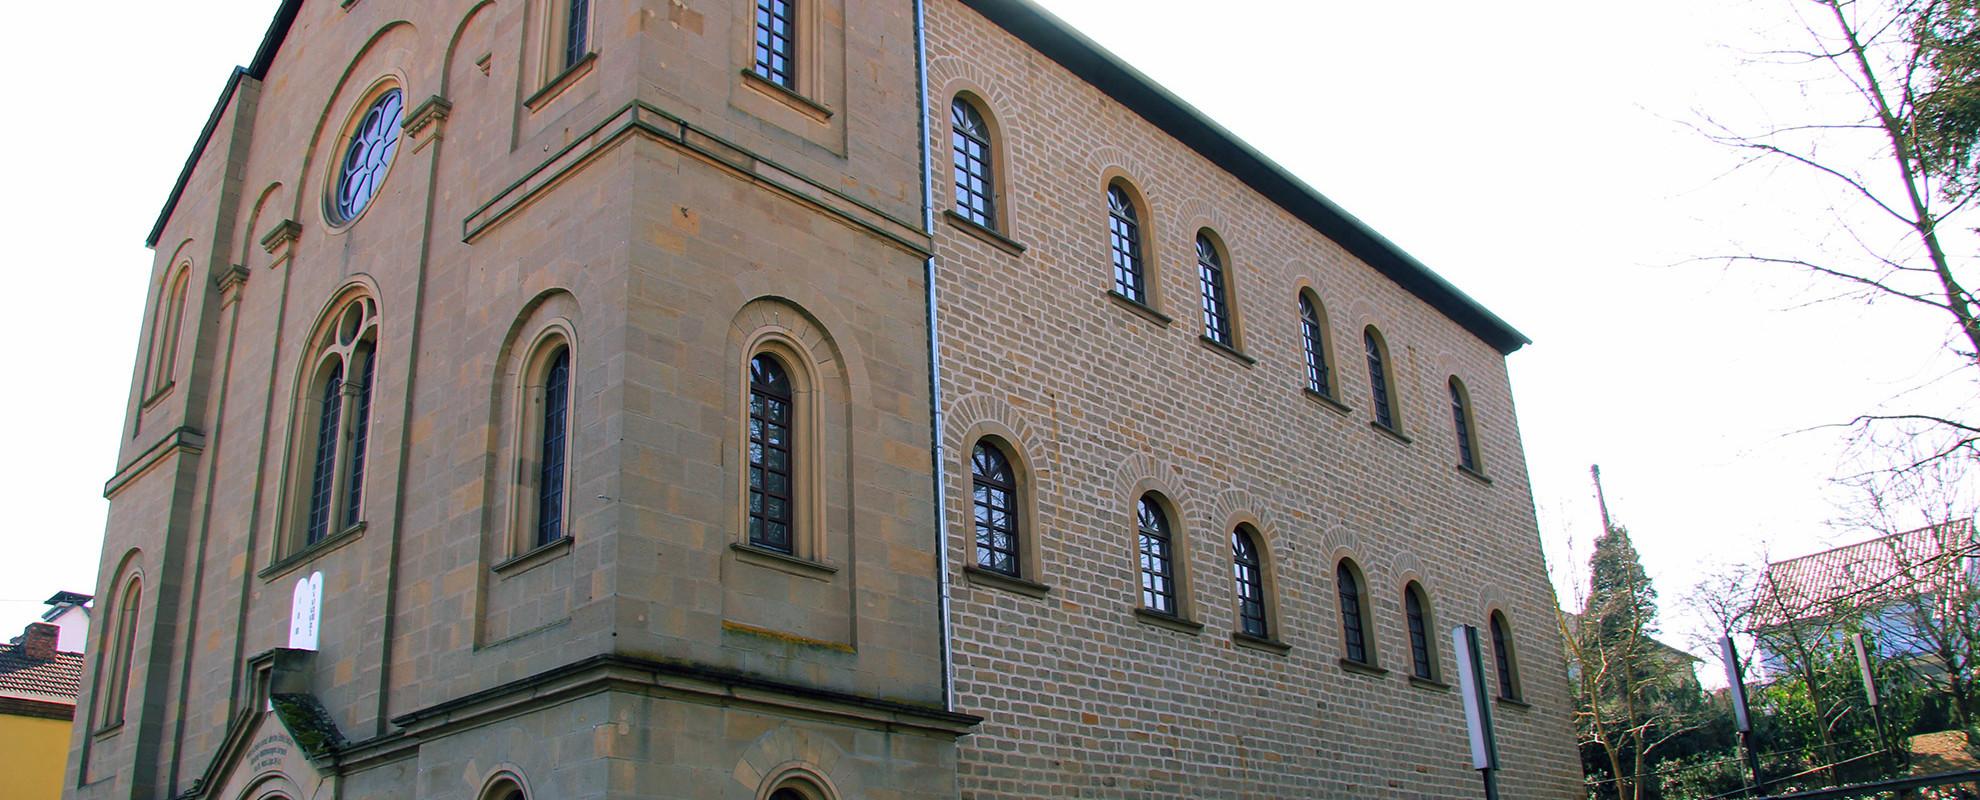 Die Ehem. Synagoge / Haus der Begegnung